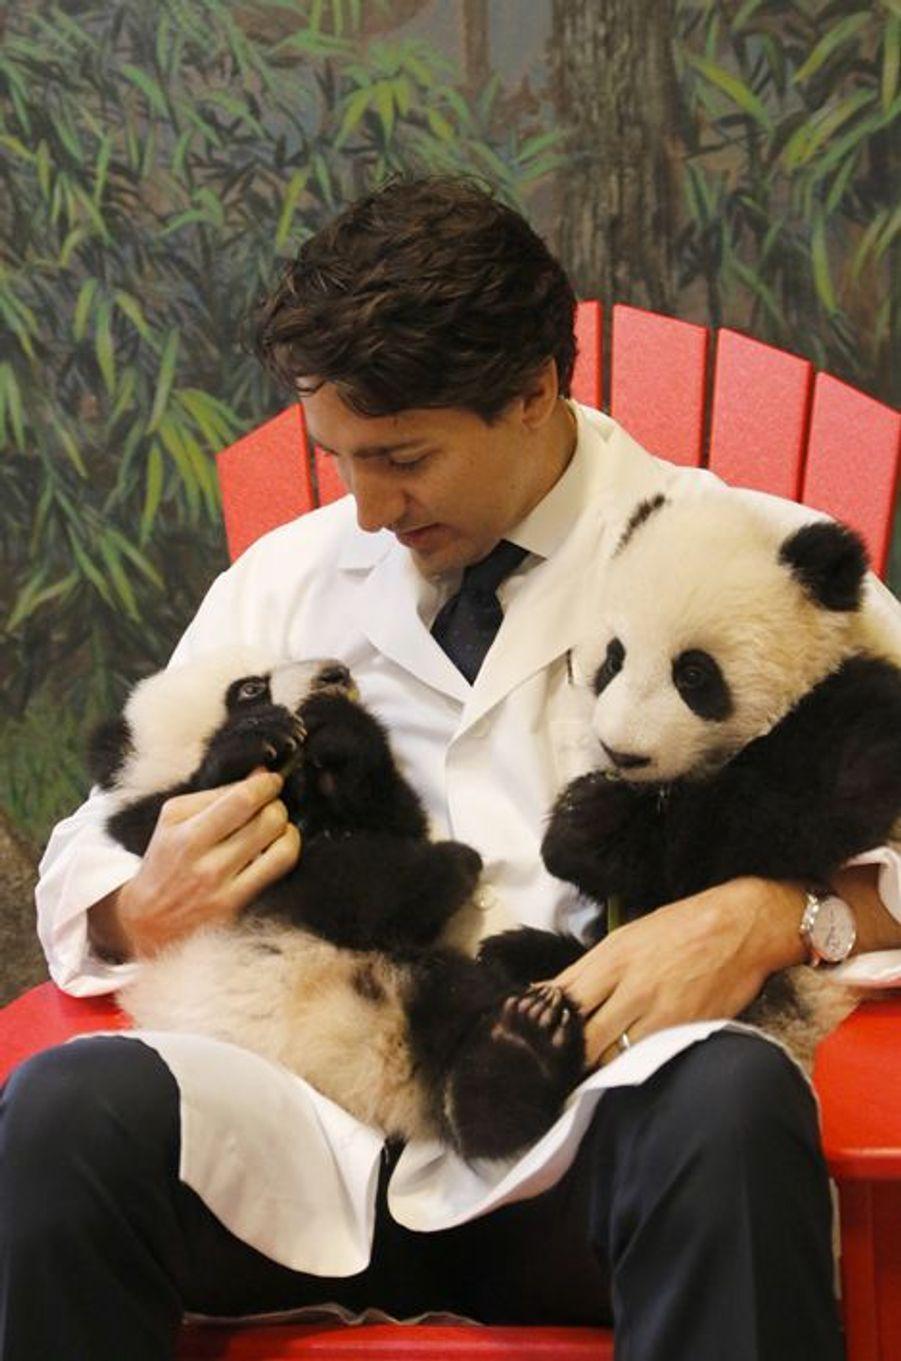 Le Premier ministre canadien Justin Trudeau a rencontré les bébés pandas du zoo de Toronto, le 7 mars 2016